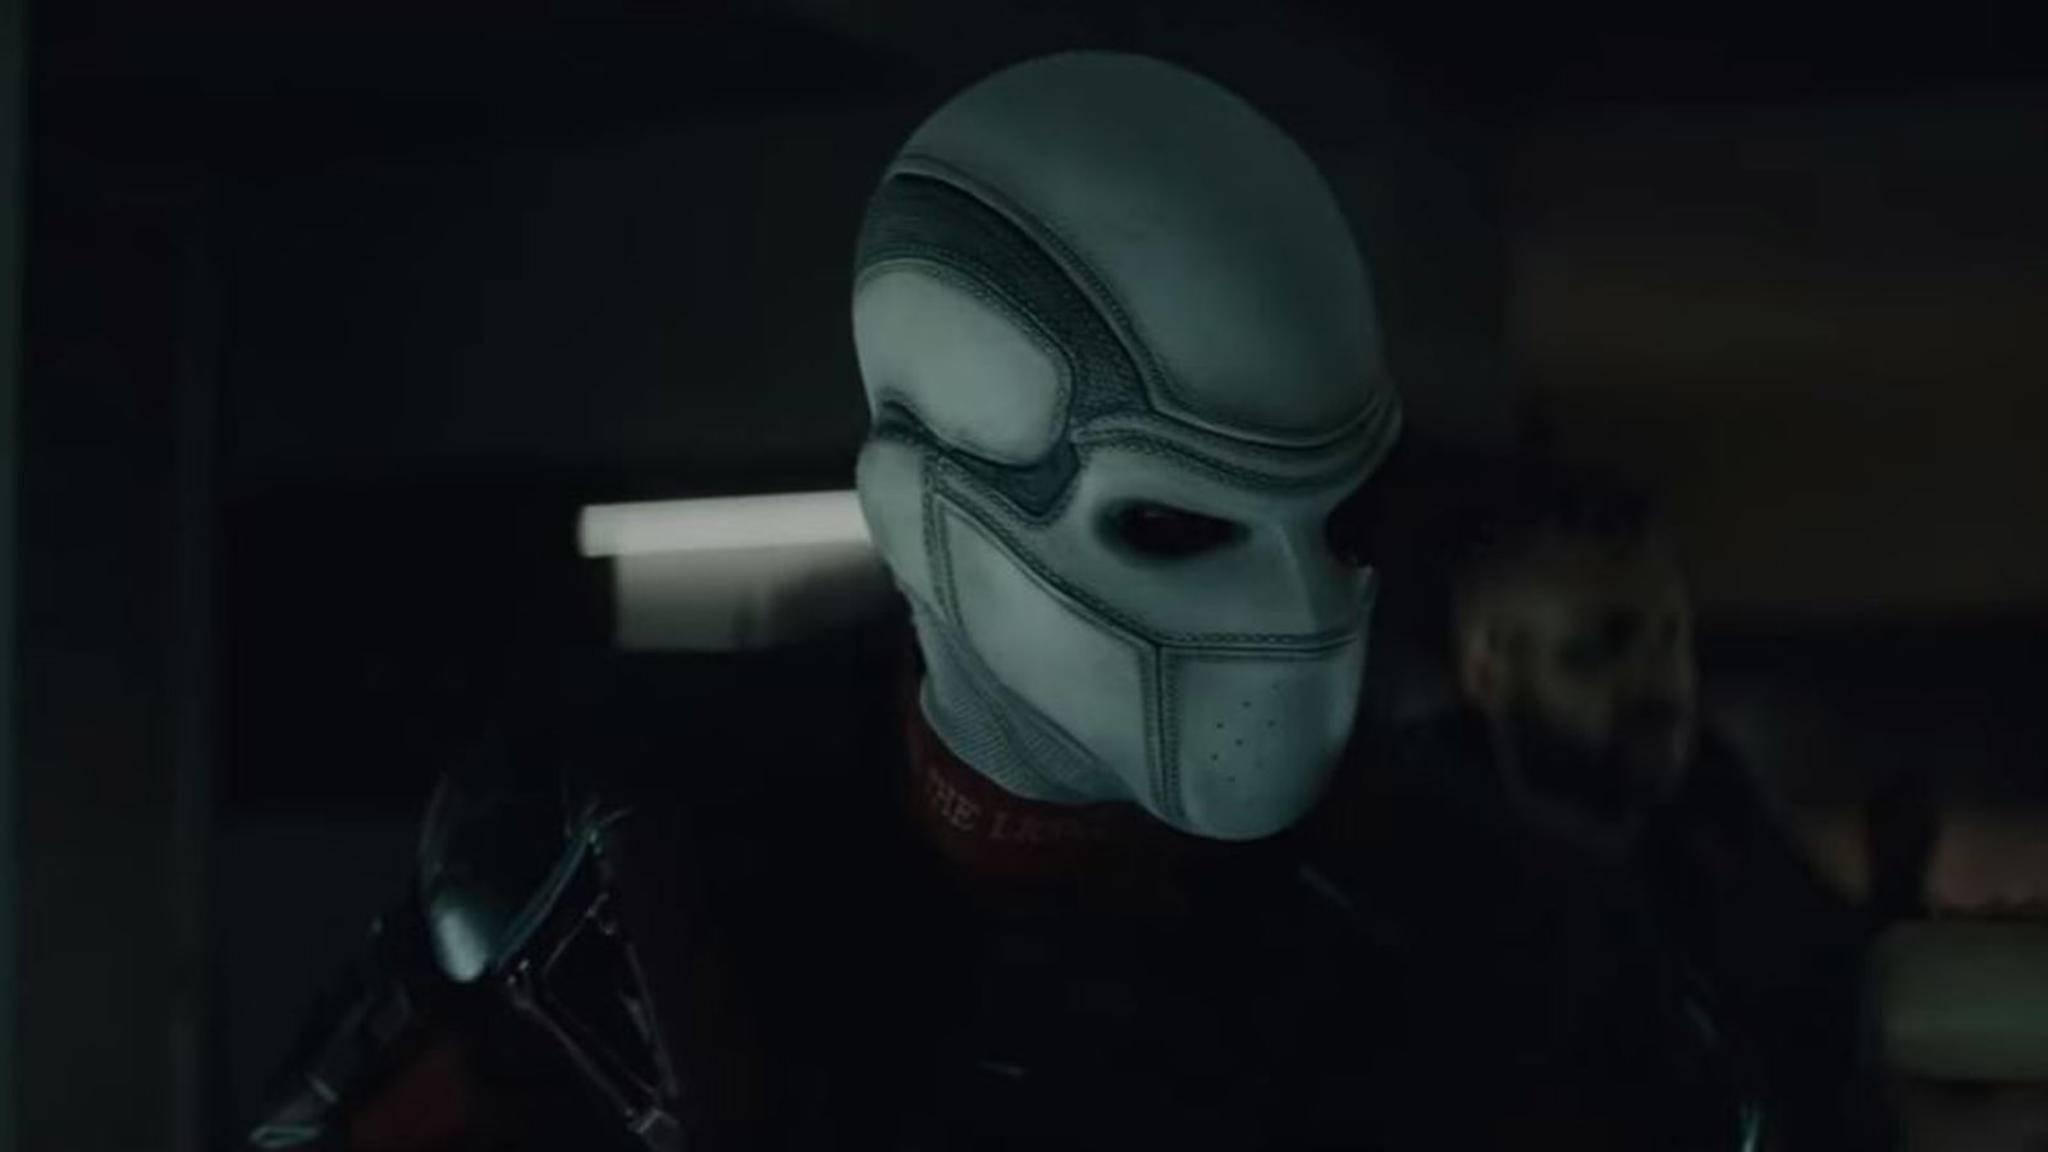 Hat gerade jemand nach einem düsteren Deadshot verlangt?